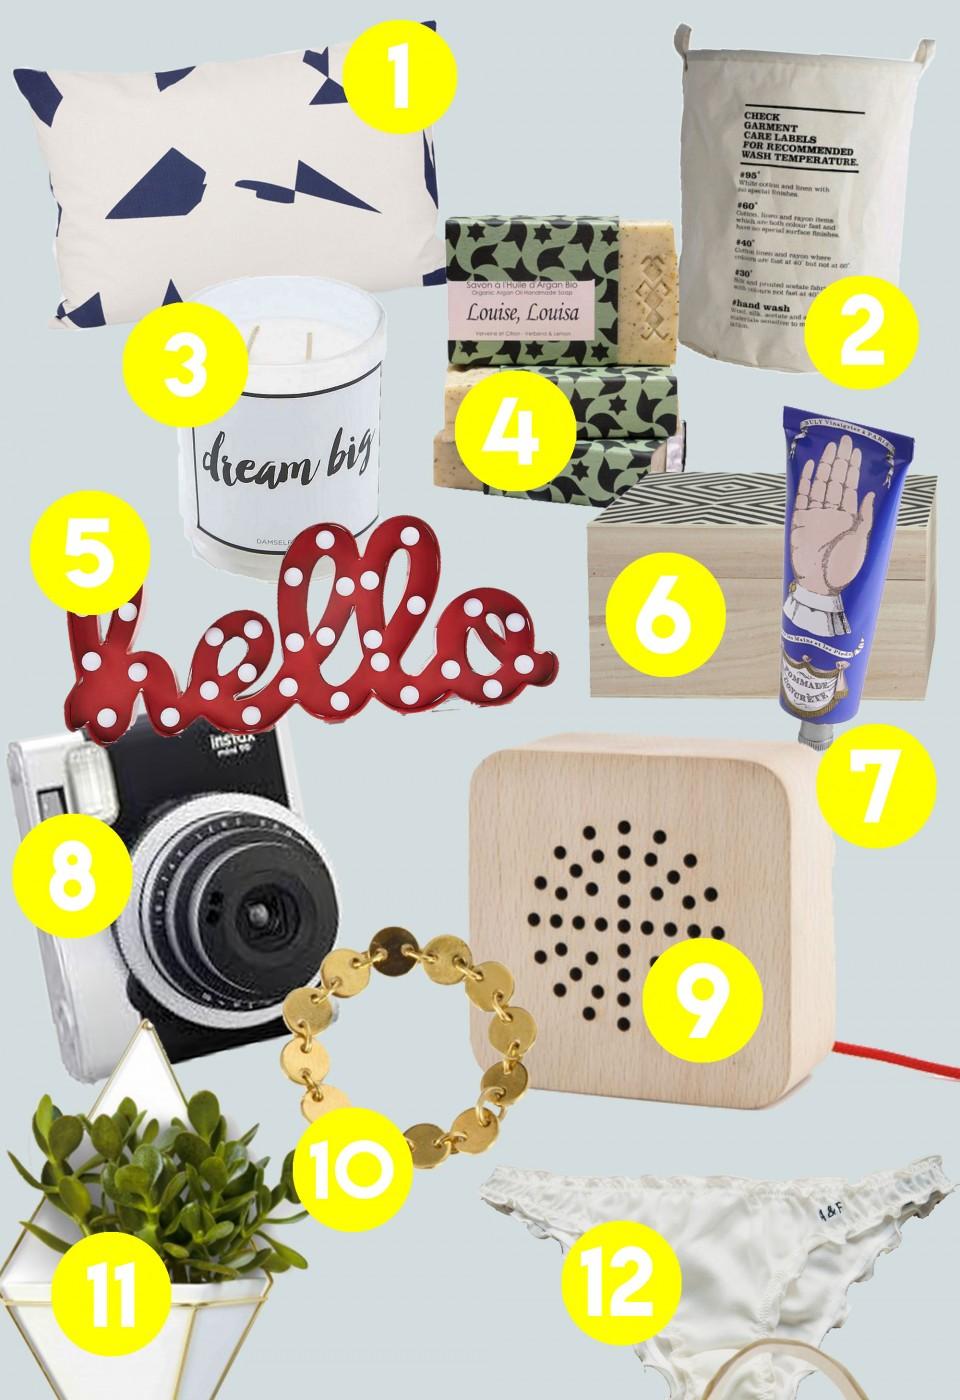 Idee Cadeau A Moins De 5 Euros.30 Idees Cadeaux Pour Elle Deedee